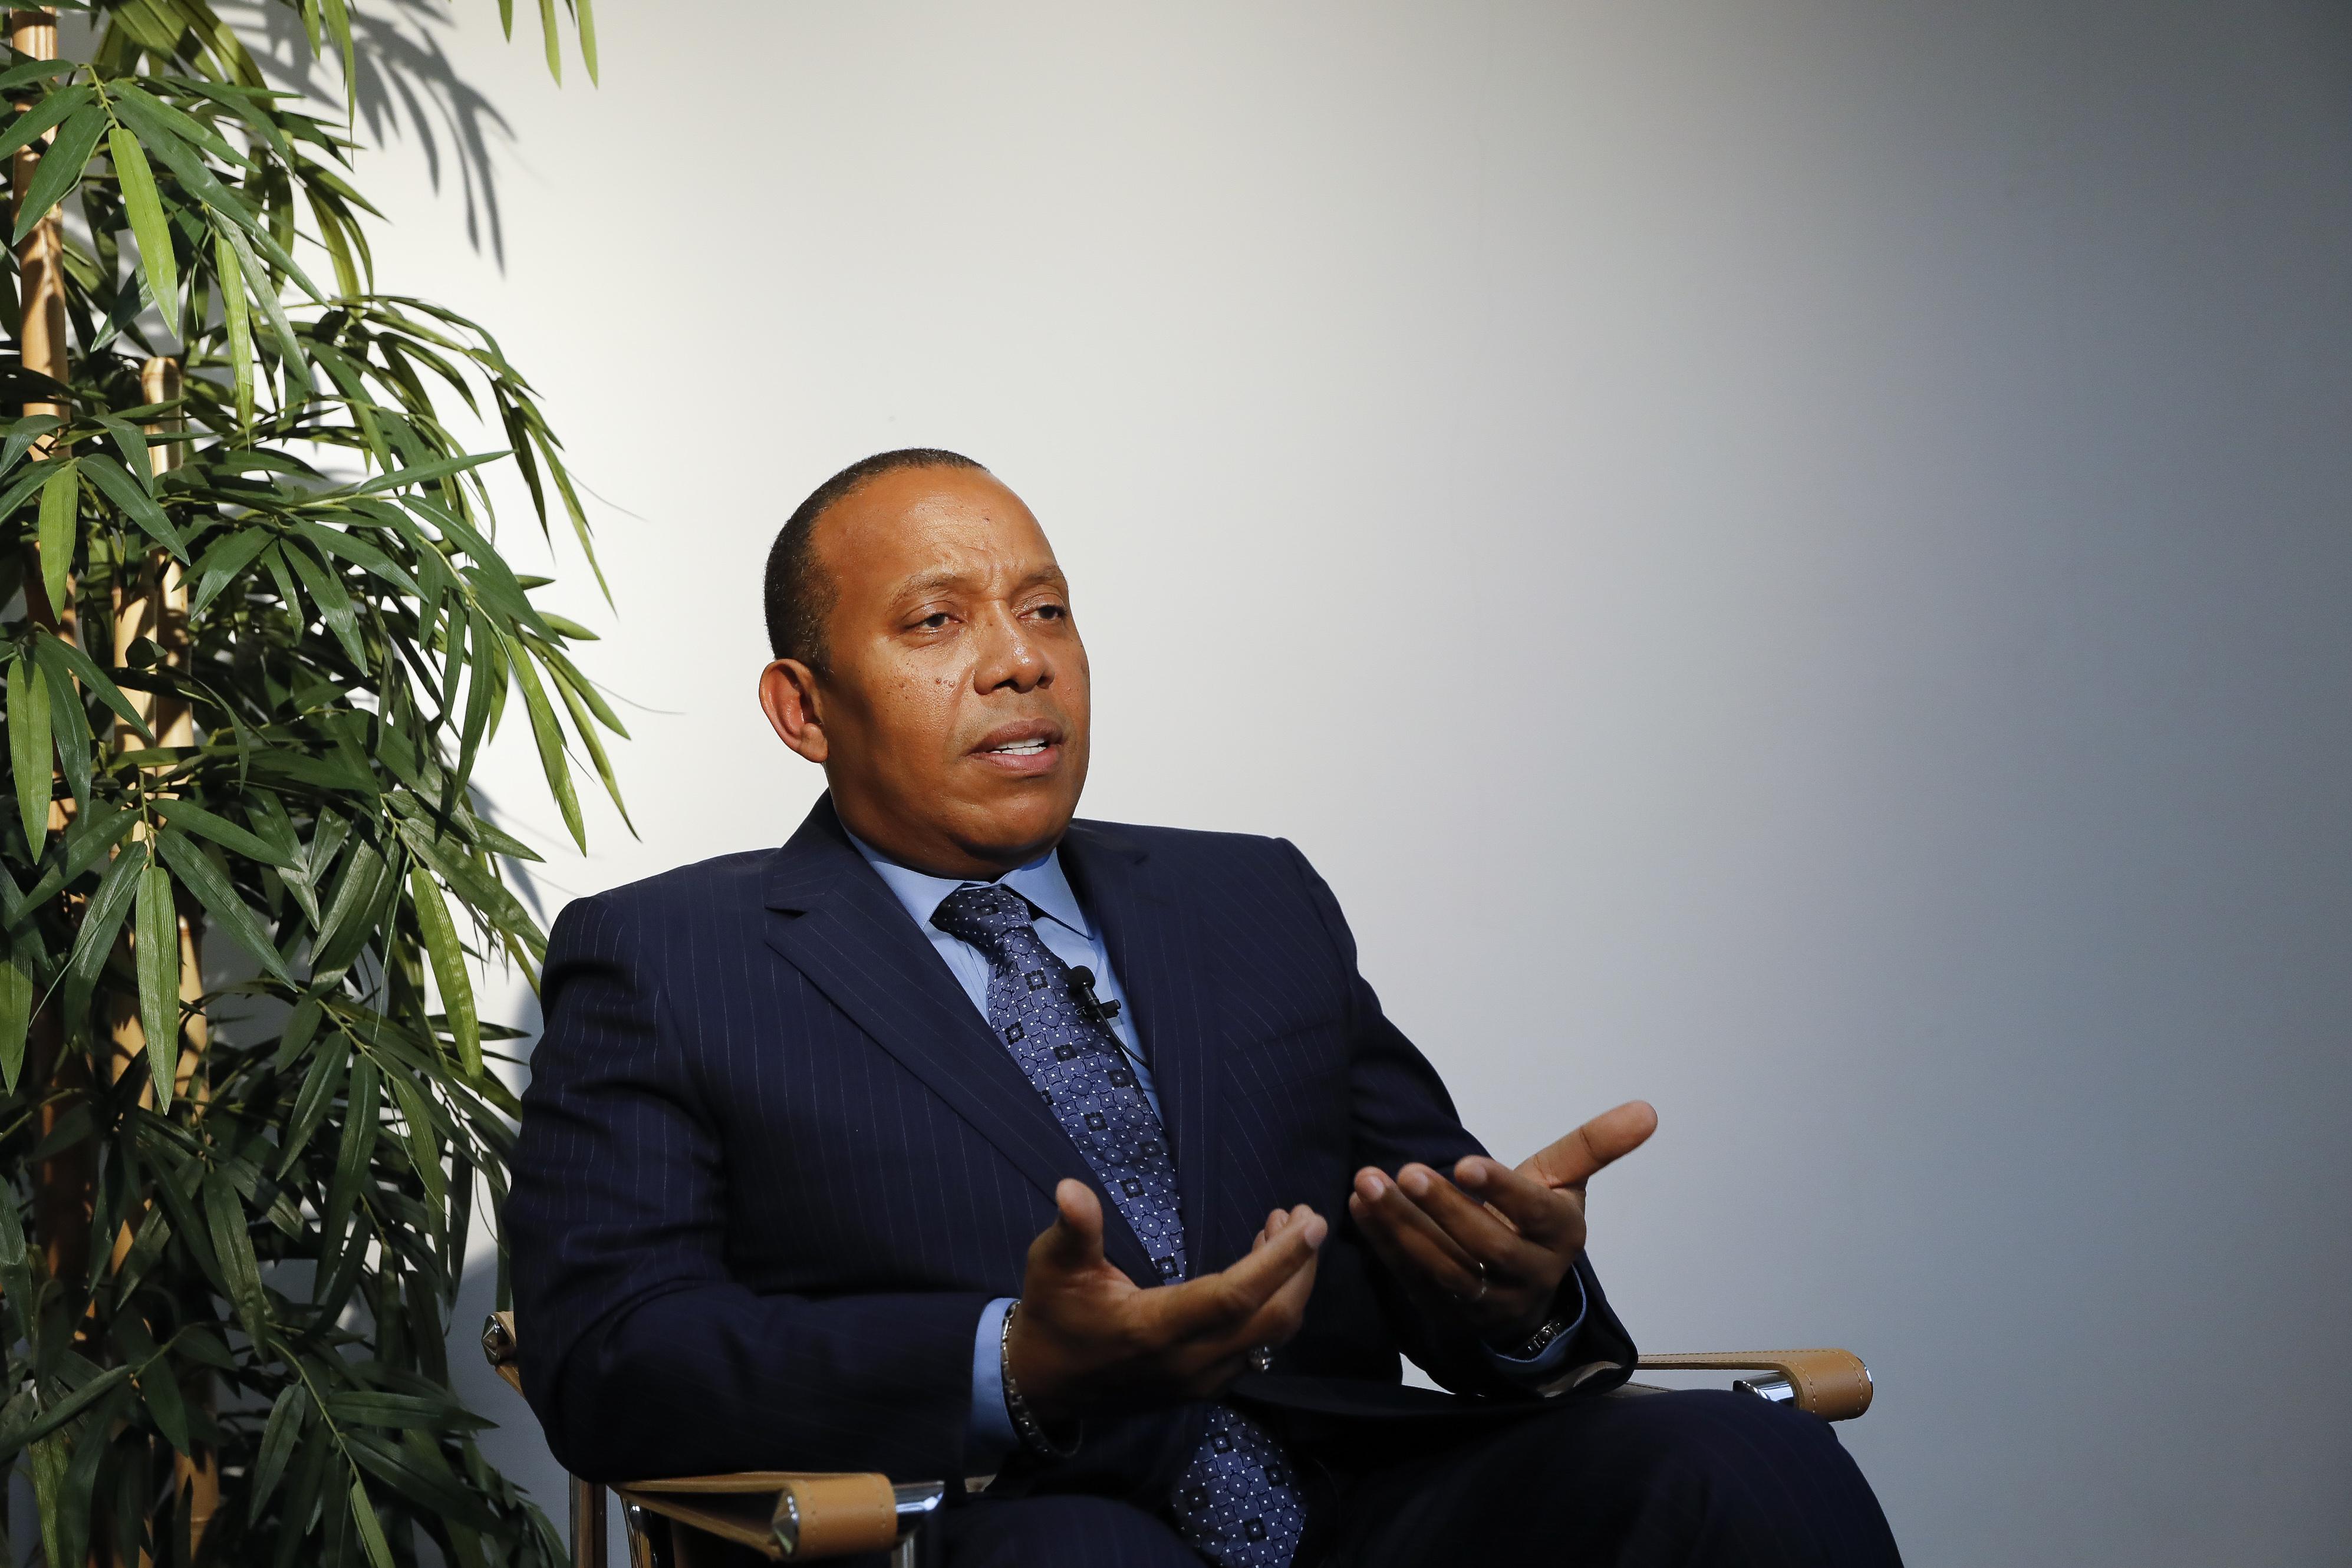 Empresas petrolíferas disponibilizam 17,4 ME para empreendedorismo jovem em São Tomé e Príncipe